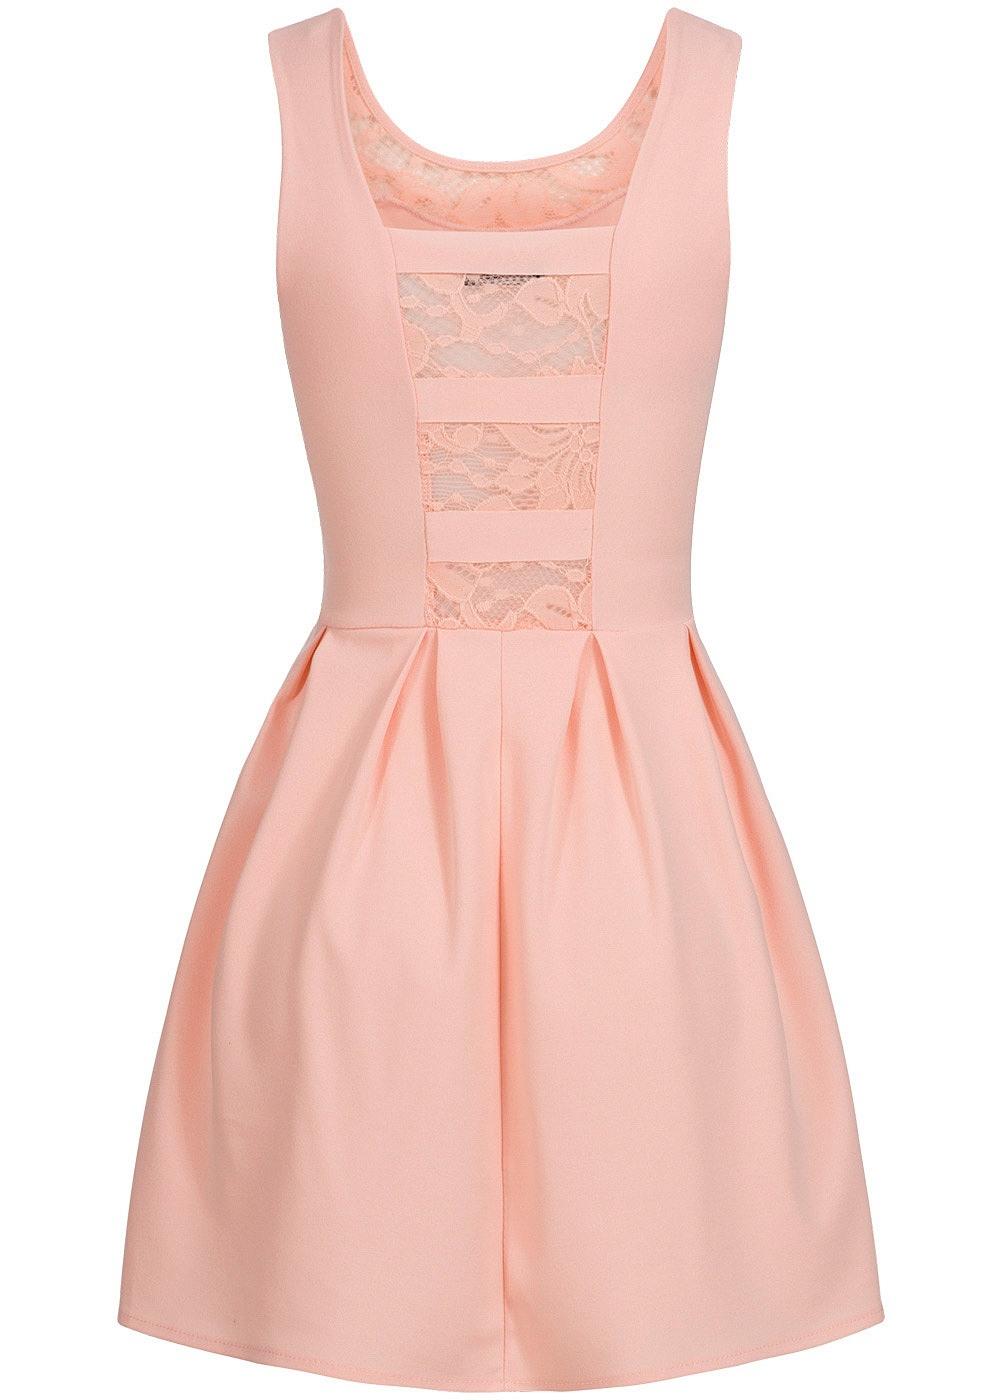 Abend Wunderbar Kleid Spitze ÄrmelDesigner Cool Kleid Spitze Boutique